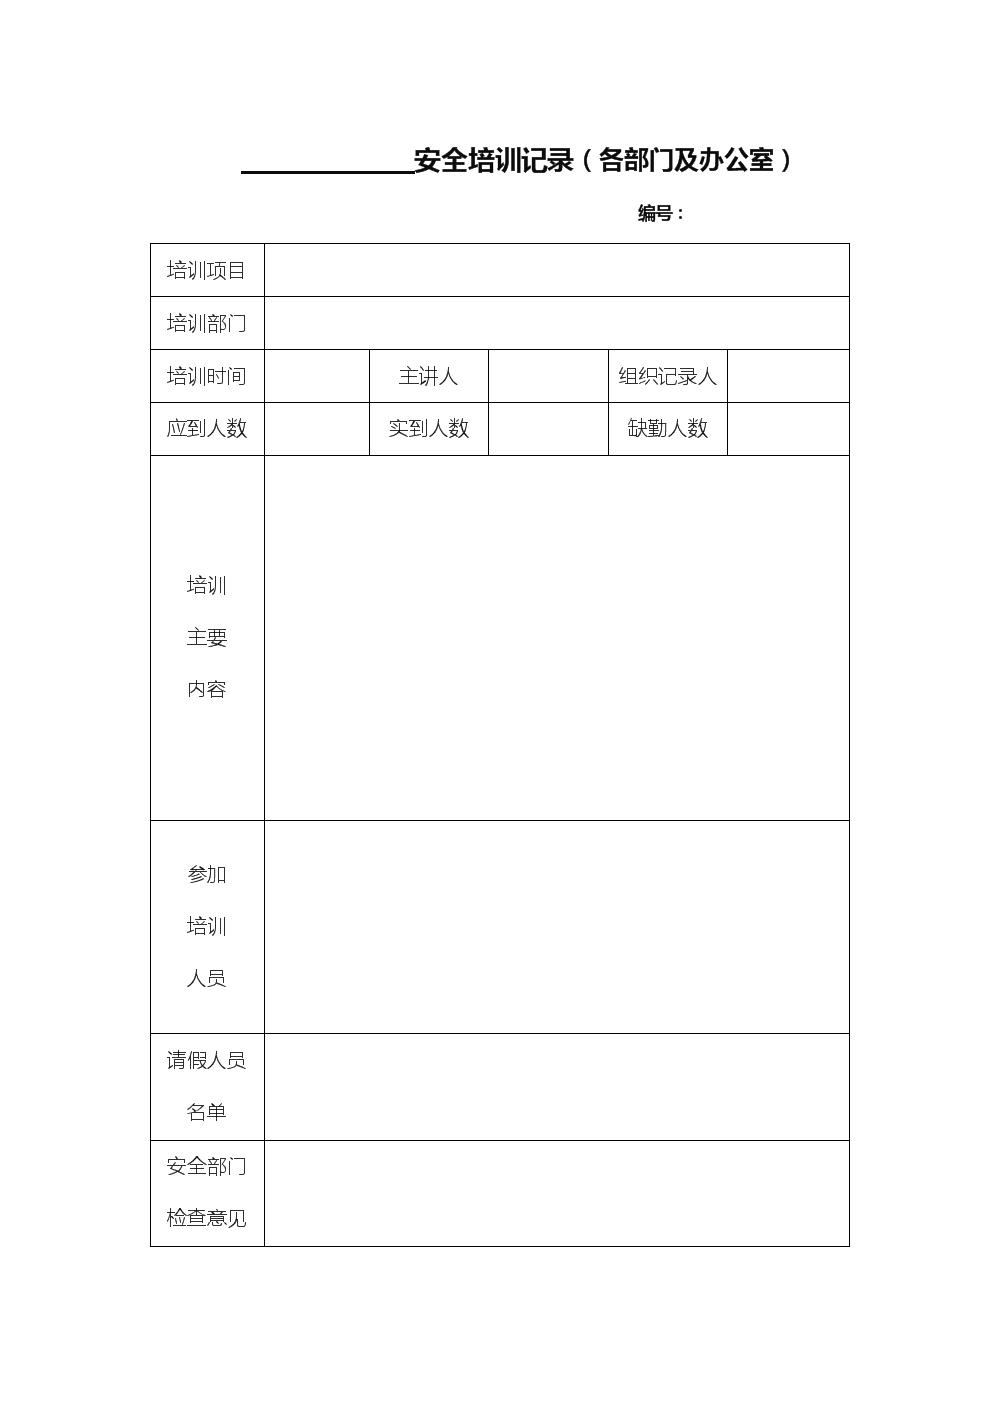 安全培训记录(各部门及办公室).docx